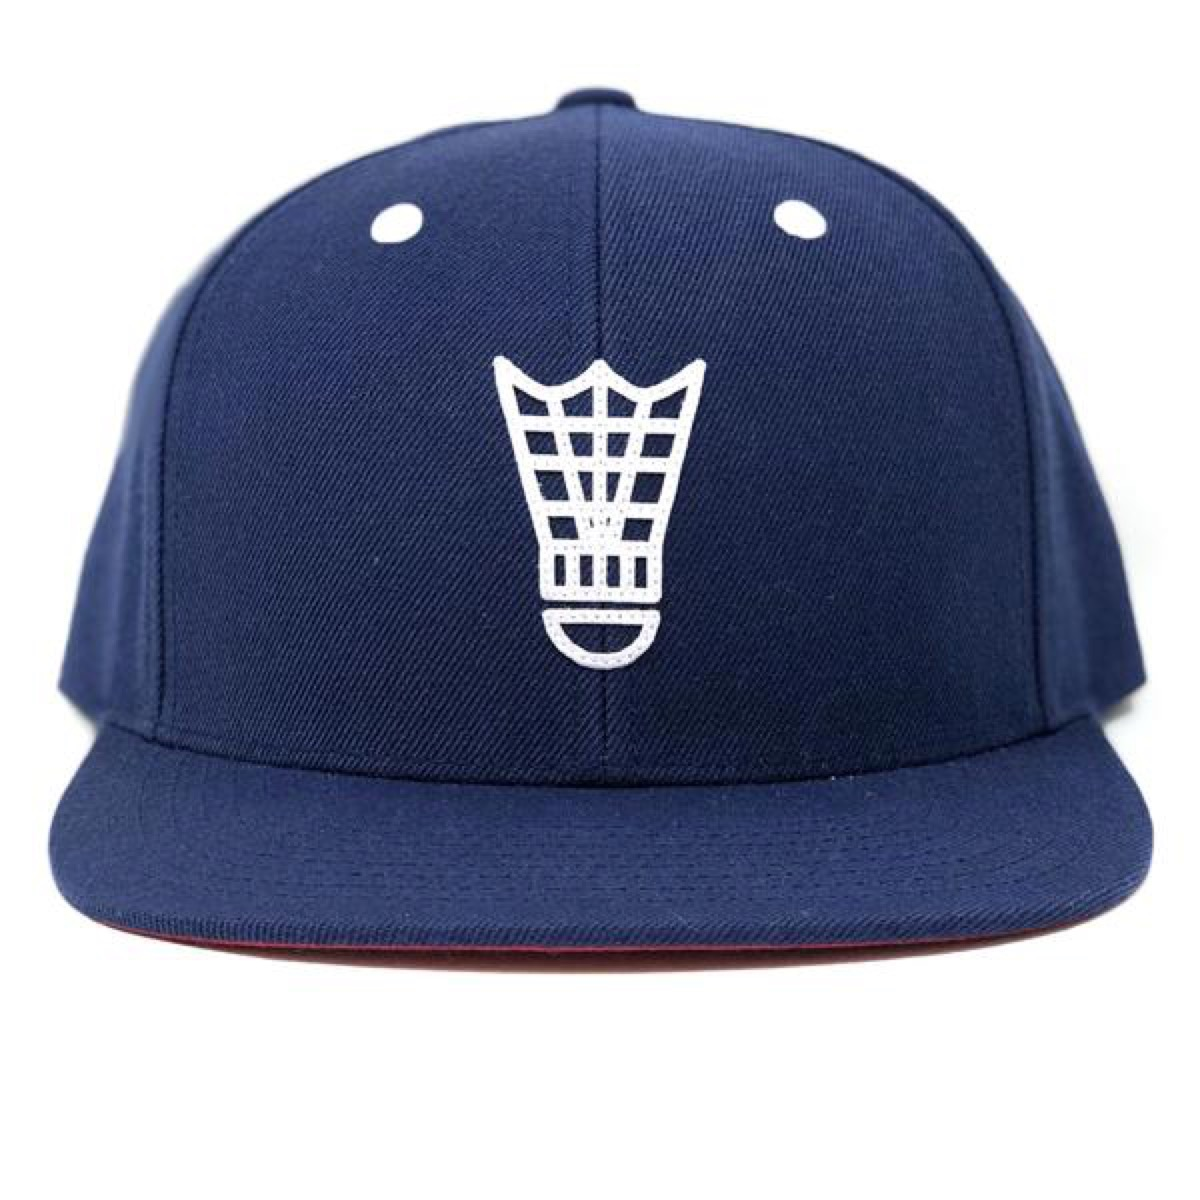 golf hats JONES BIRDIE SNAPBACK - NAVY